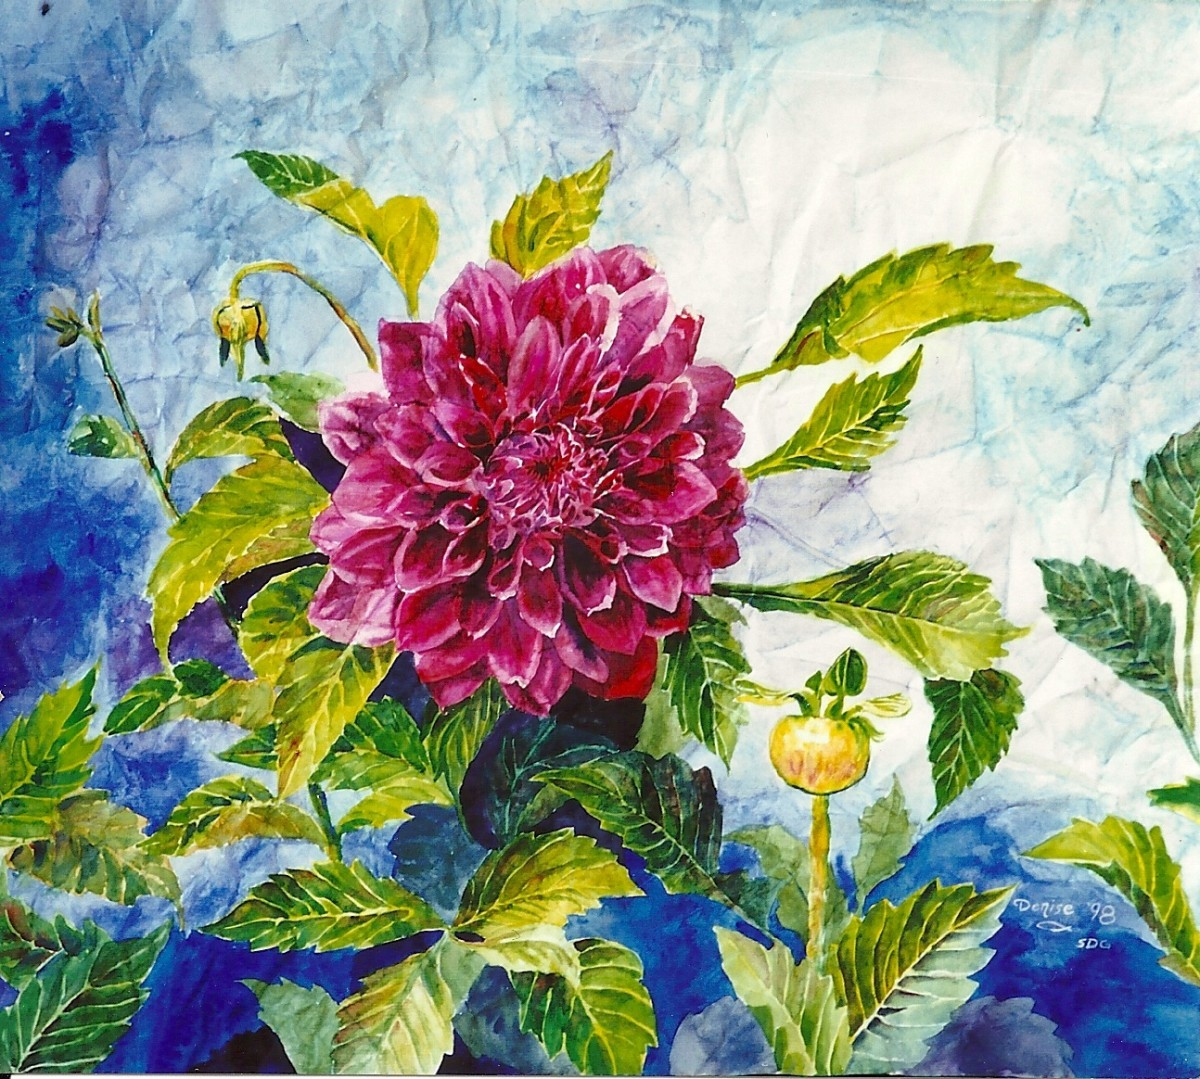 Dahlia in watercolor